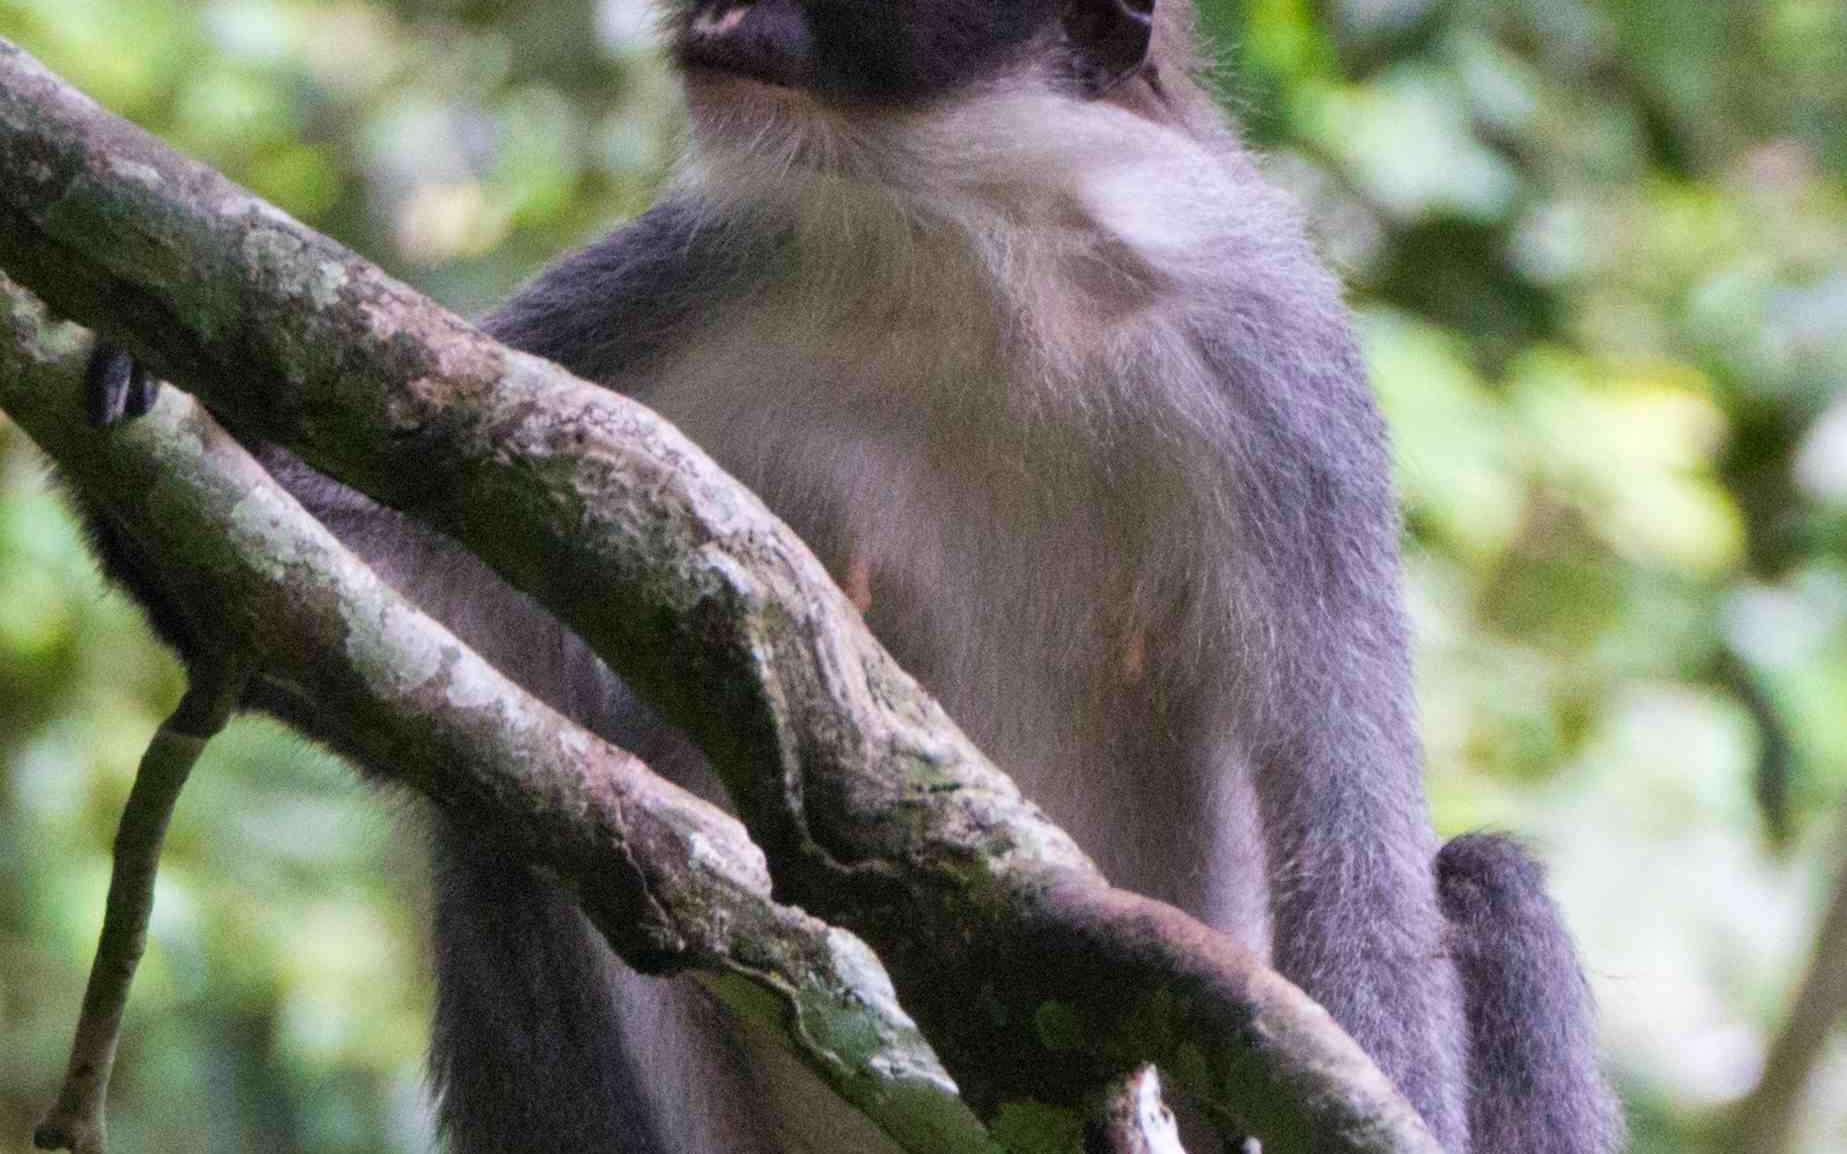 Presbytis hosei canicrus est une des quatre sous-espèces de Presbytis hosei, toutes endémiques de l'île de Bornéo. © Eric Fell